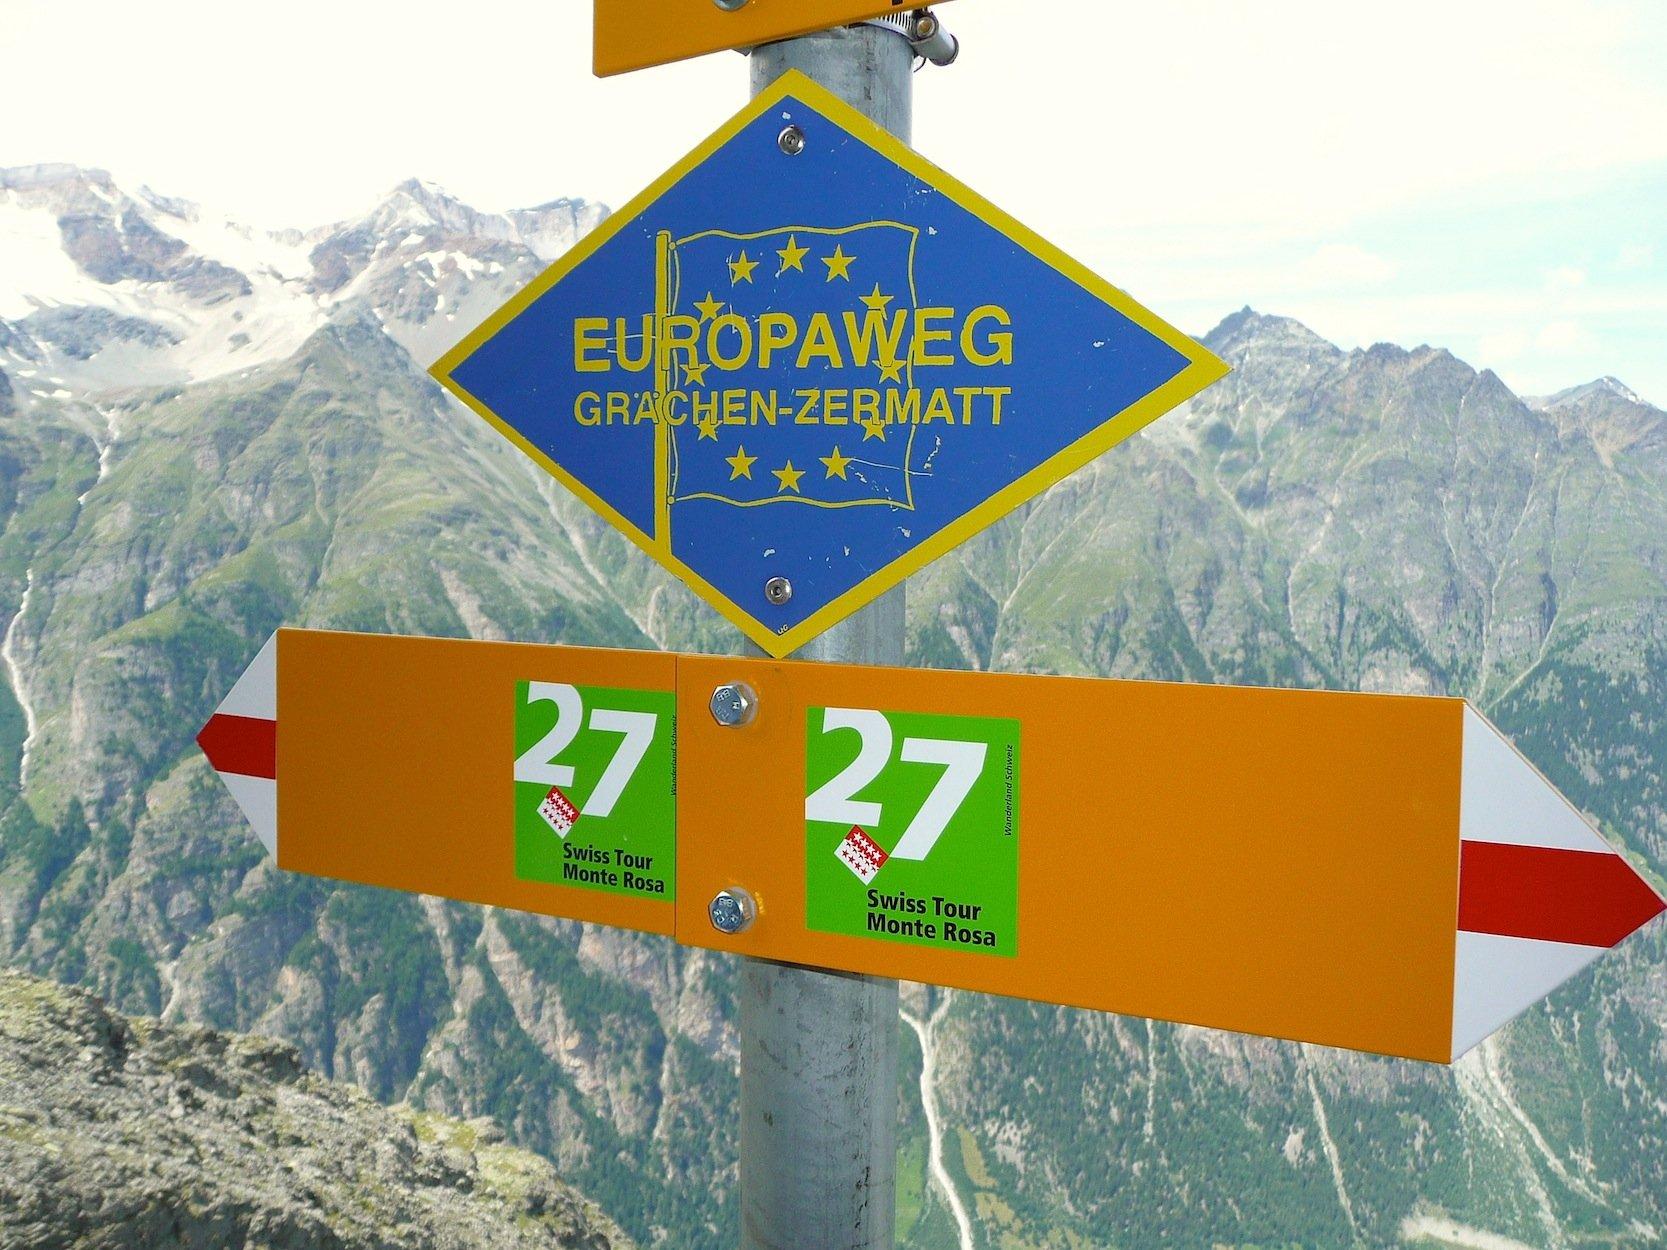 Der Europaweg führt im Wallis durch hochalpines Gebiet. Allerdings zwingen die tief eingeschnittenen Täler zu anstrengenden Auf- und Abstiegen. Eine neue Hängeseilbrücke soll für Entlastung sorgen.